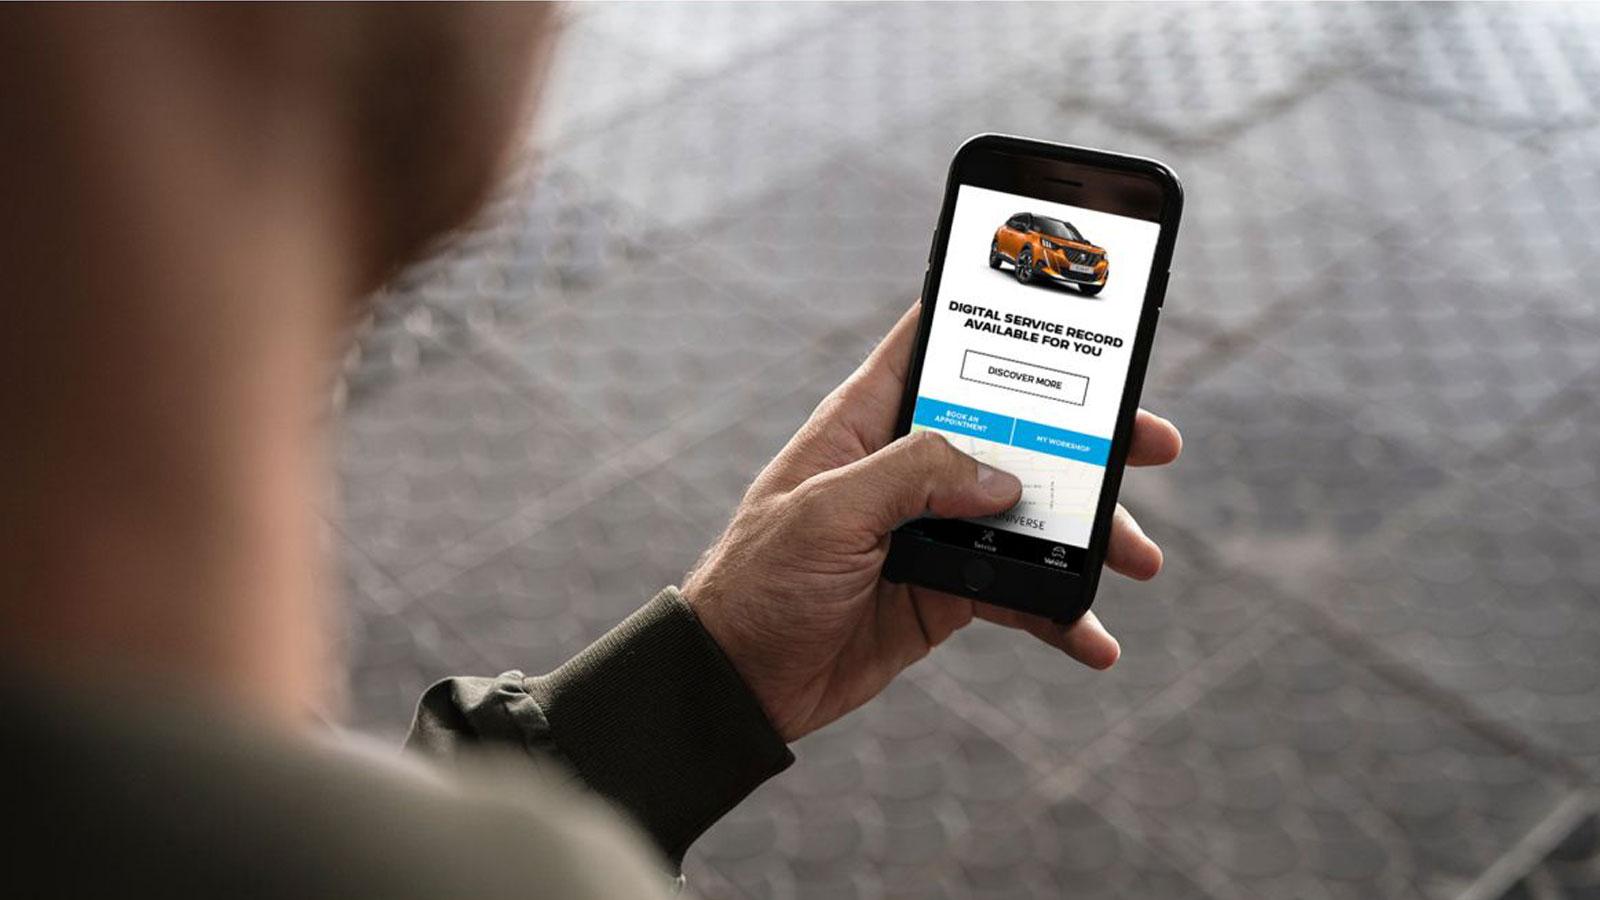 Στην αγορά του αυτοκινήτου βλέπουμε καινοτομία & τεχνολογία να εκπλήσσει ευχάριστα συνεργάτες, κατόχους και υποψήφιους πελάτες .